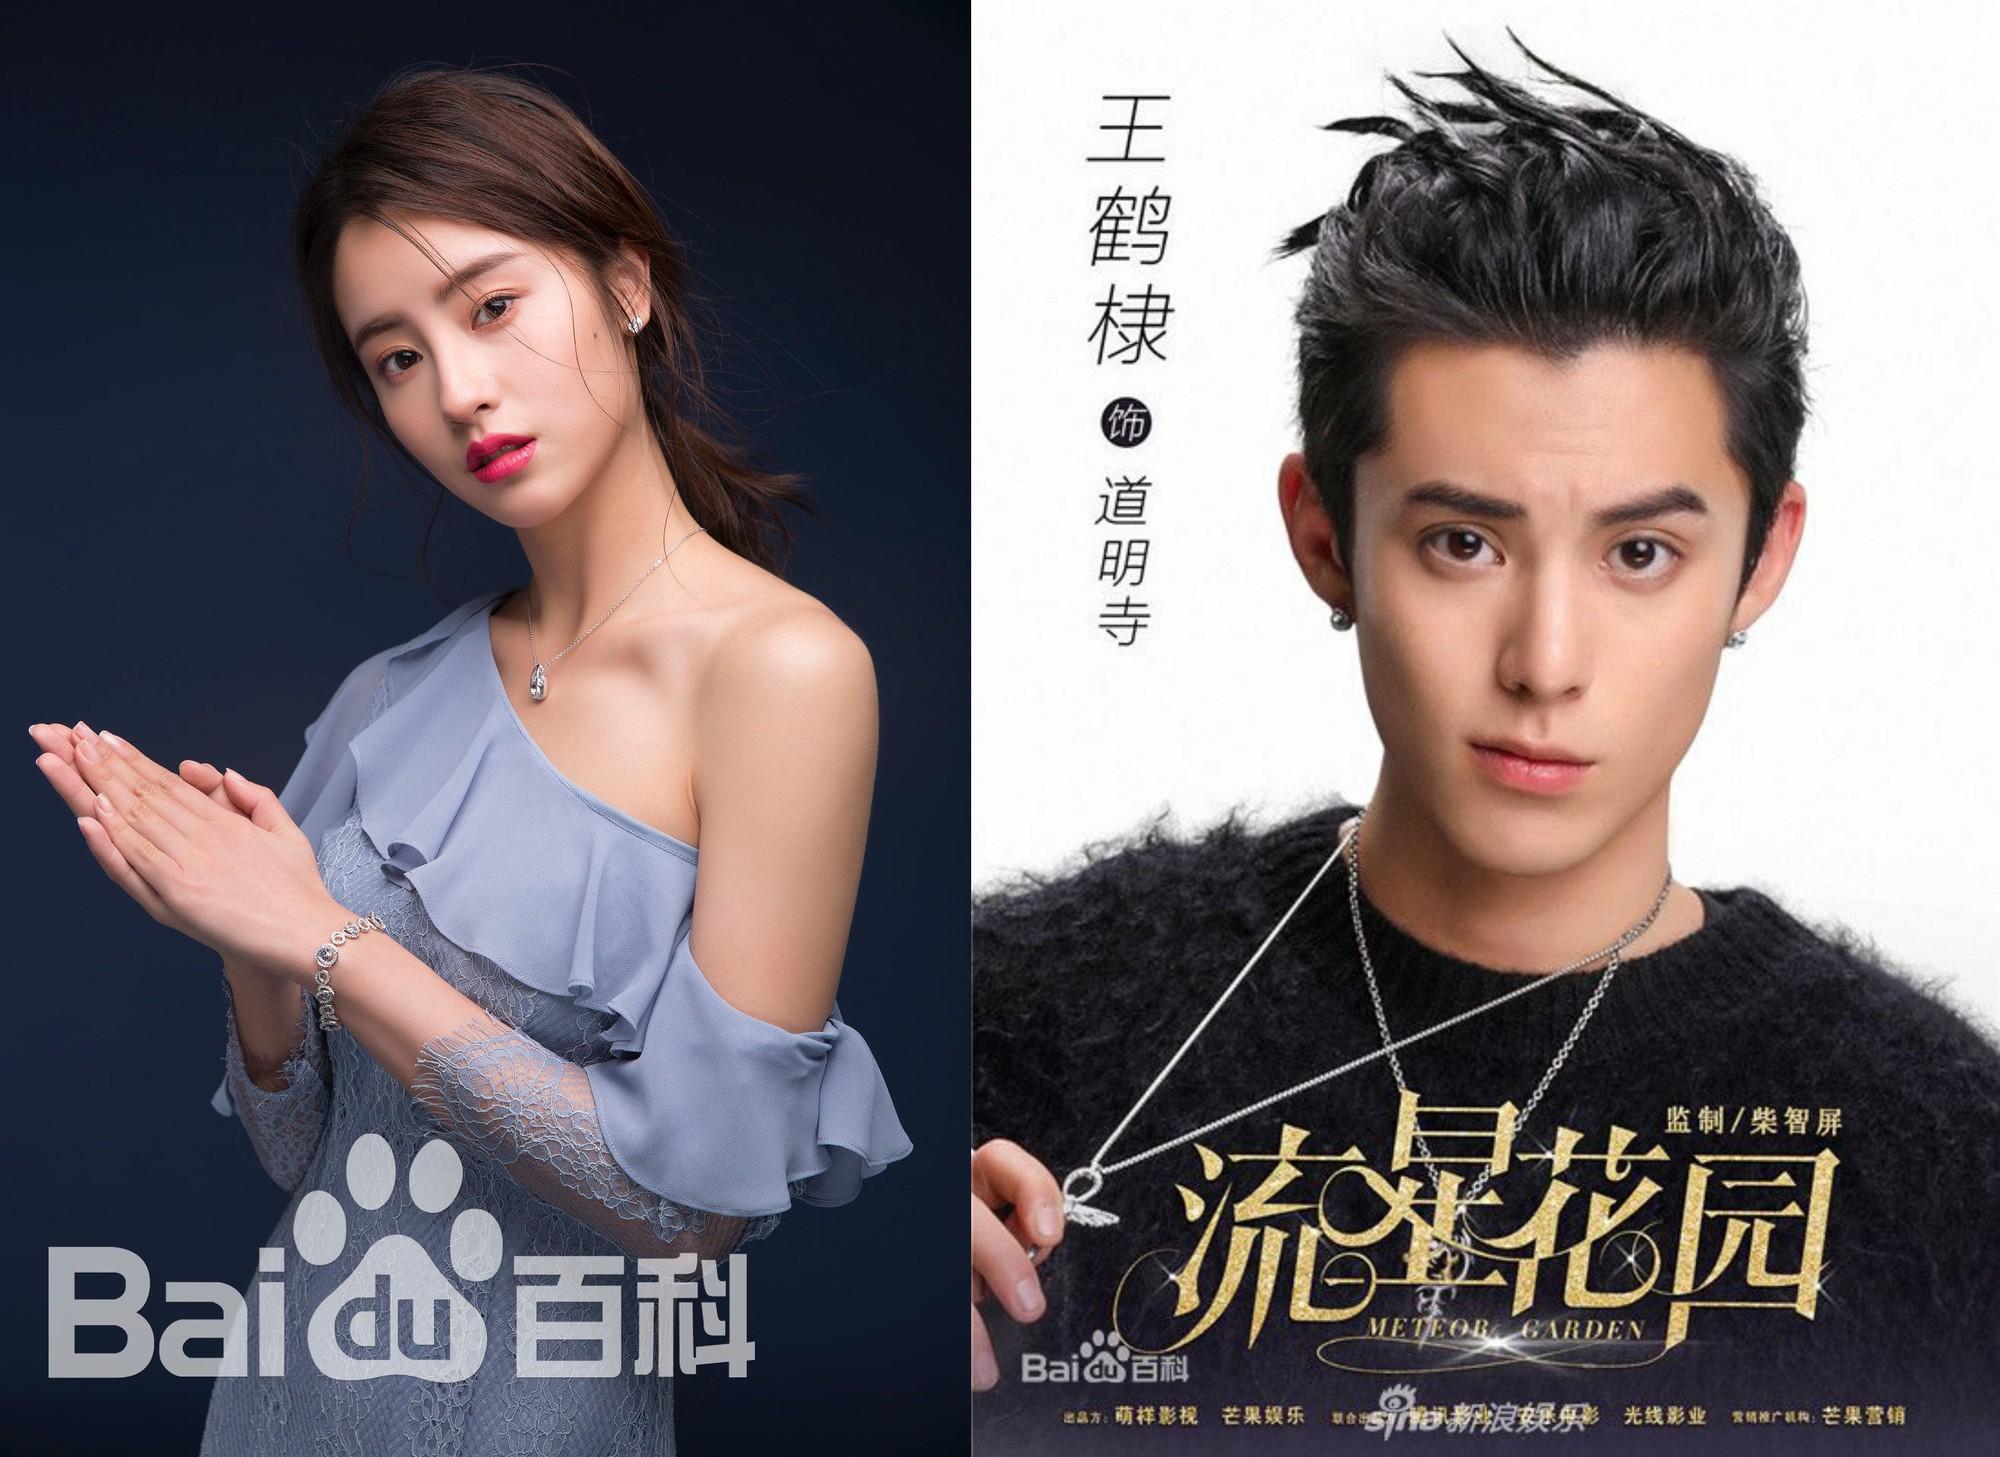 Tiểu Long Nữ phiên bản 2018: Xinh đẹp, khí chất chẳng kém cạnh Lưu Diệc Phi! - Ảnh 6.